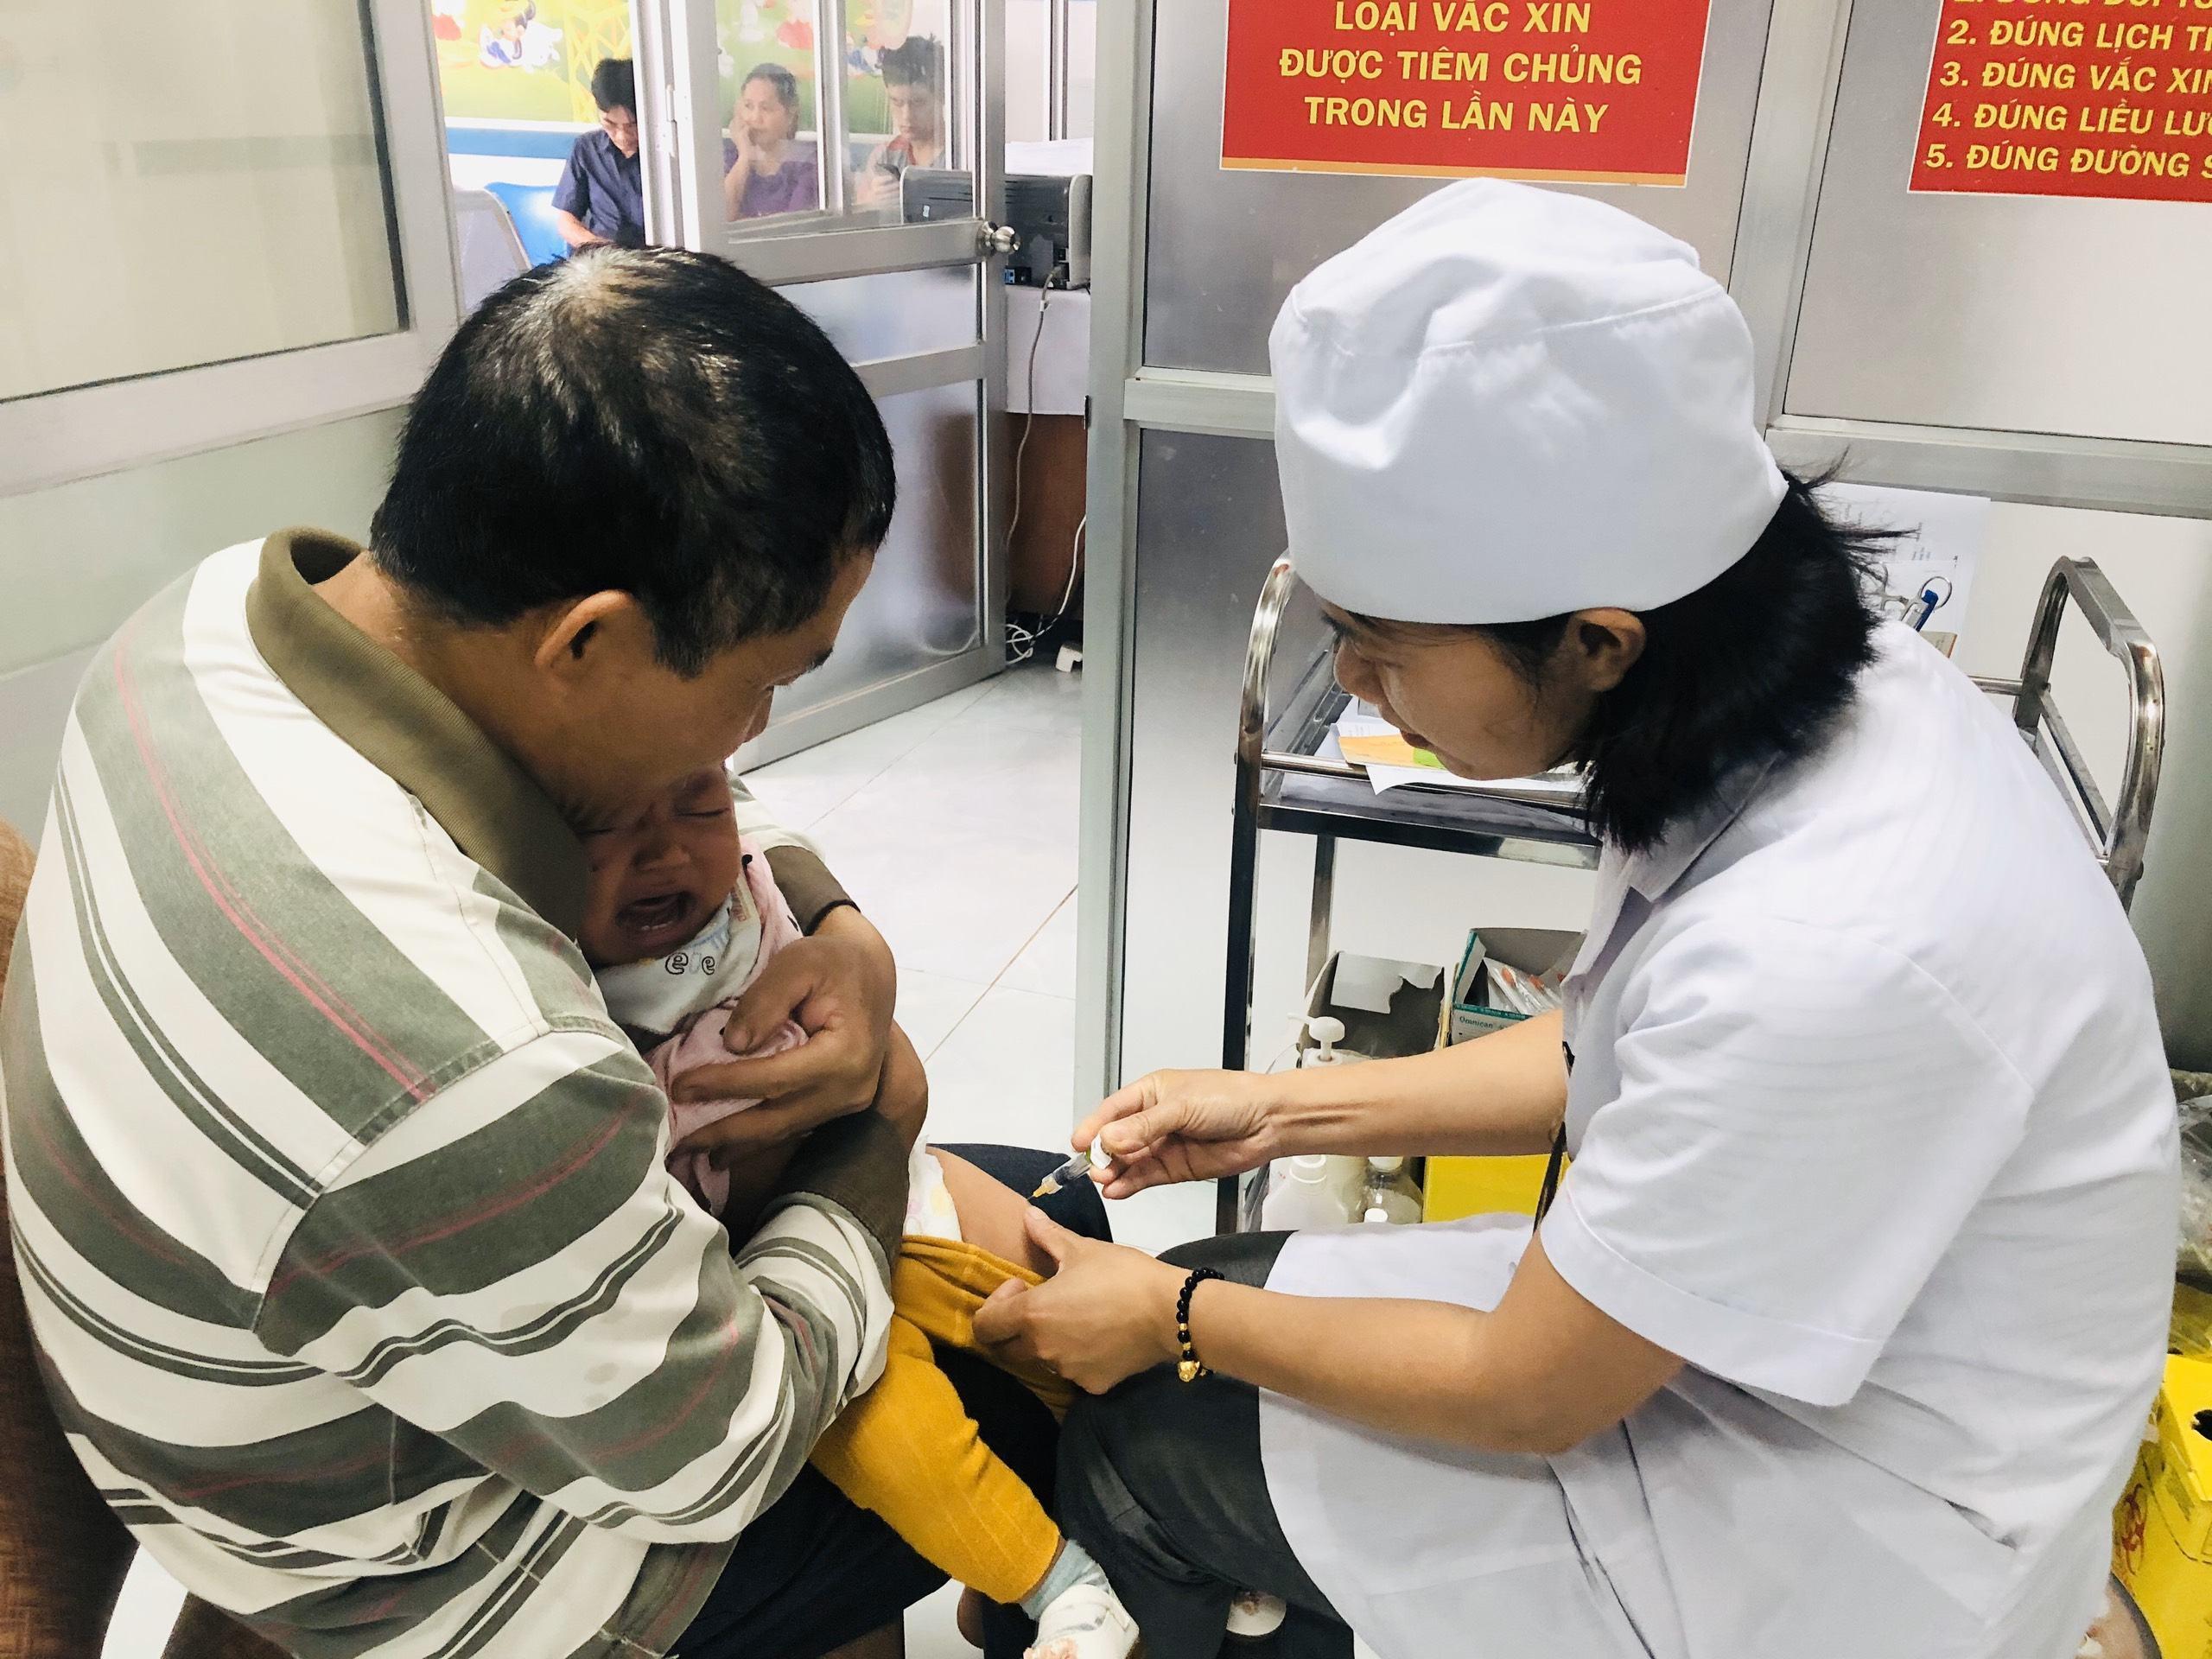 Trung tâm Kiểm soát bệnh tật tỉnh Phú Thọ - Chung tay vì cộng đồng, dự phòng cho sức khỏe 7